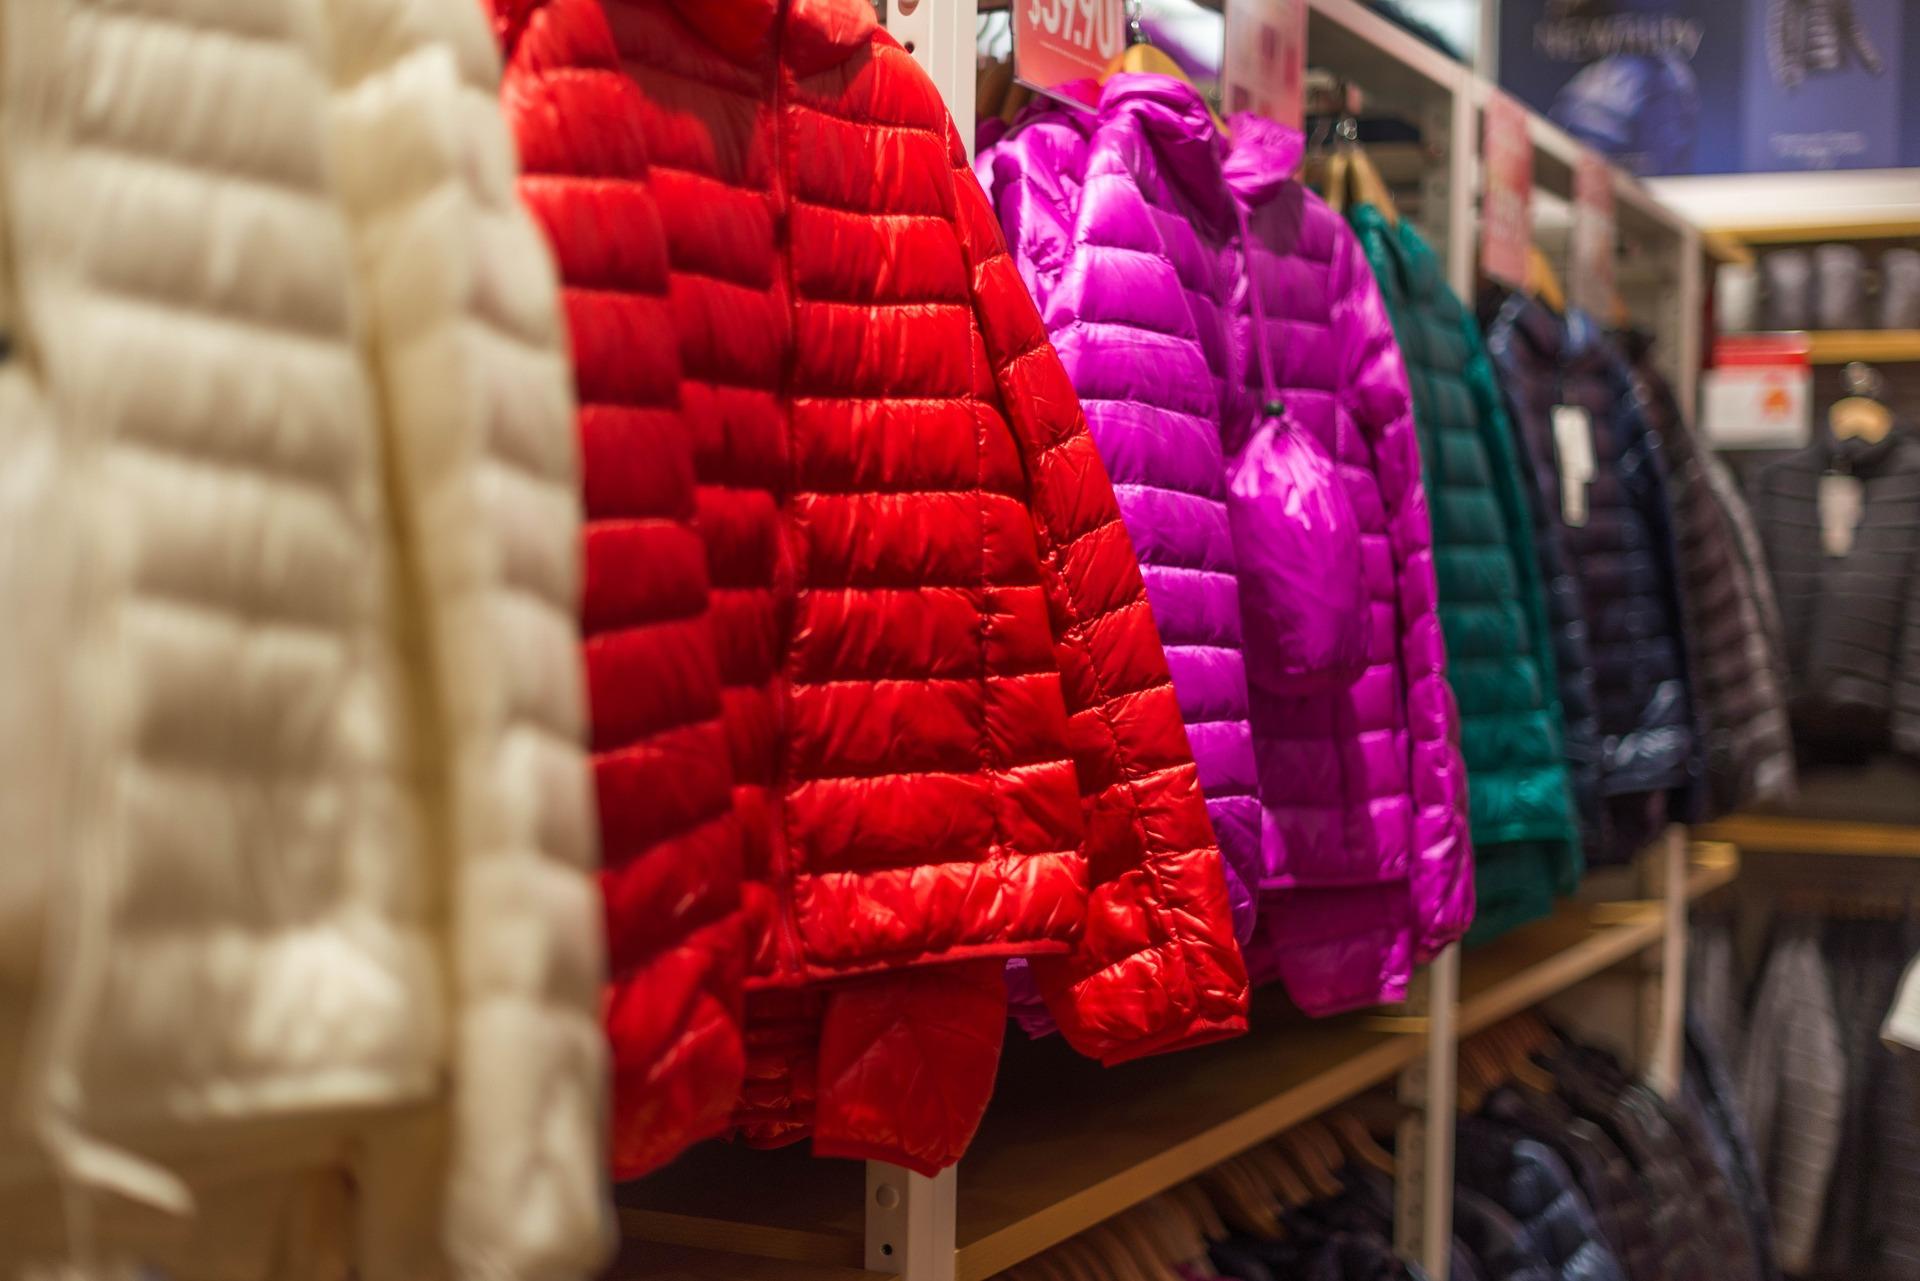 Precintado ropa retail ecommerce